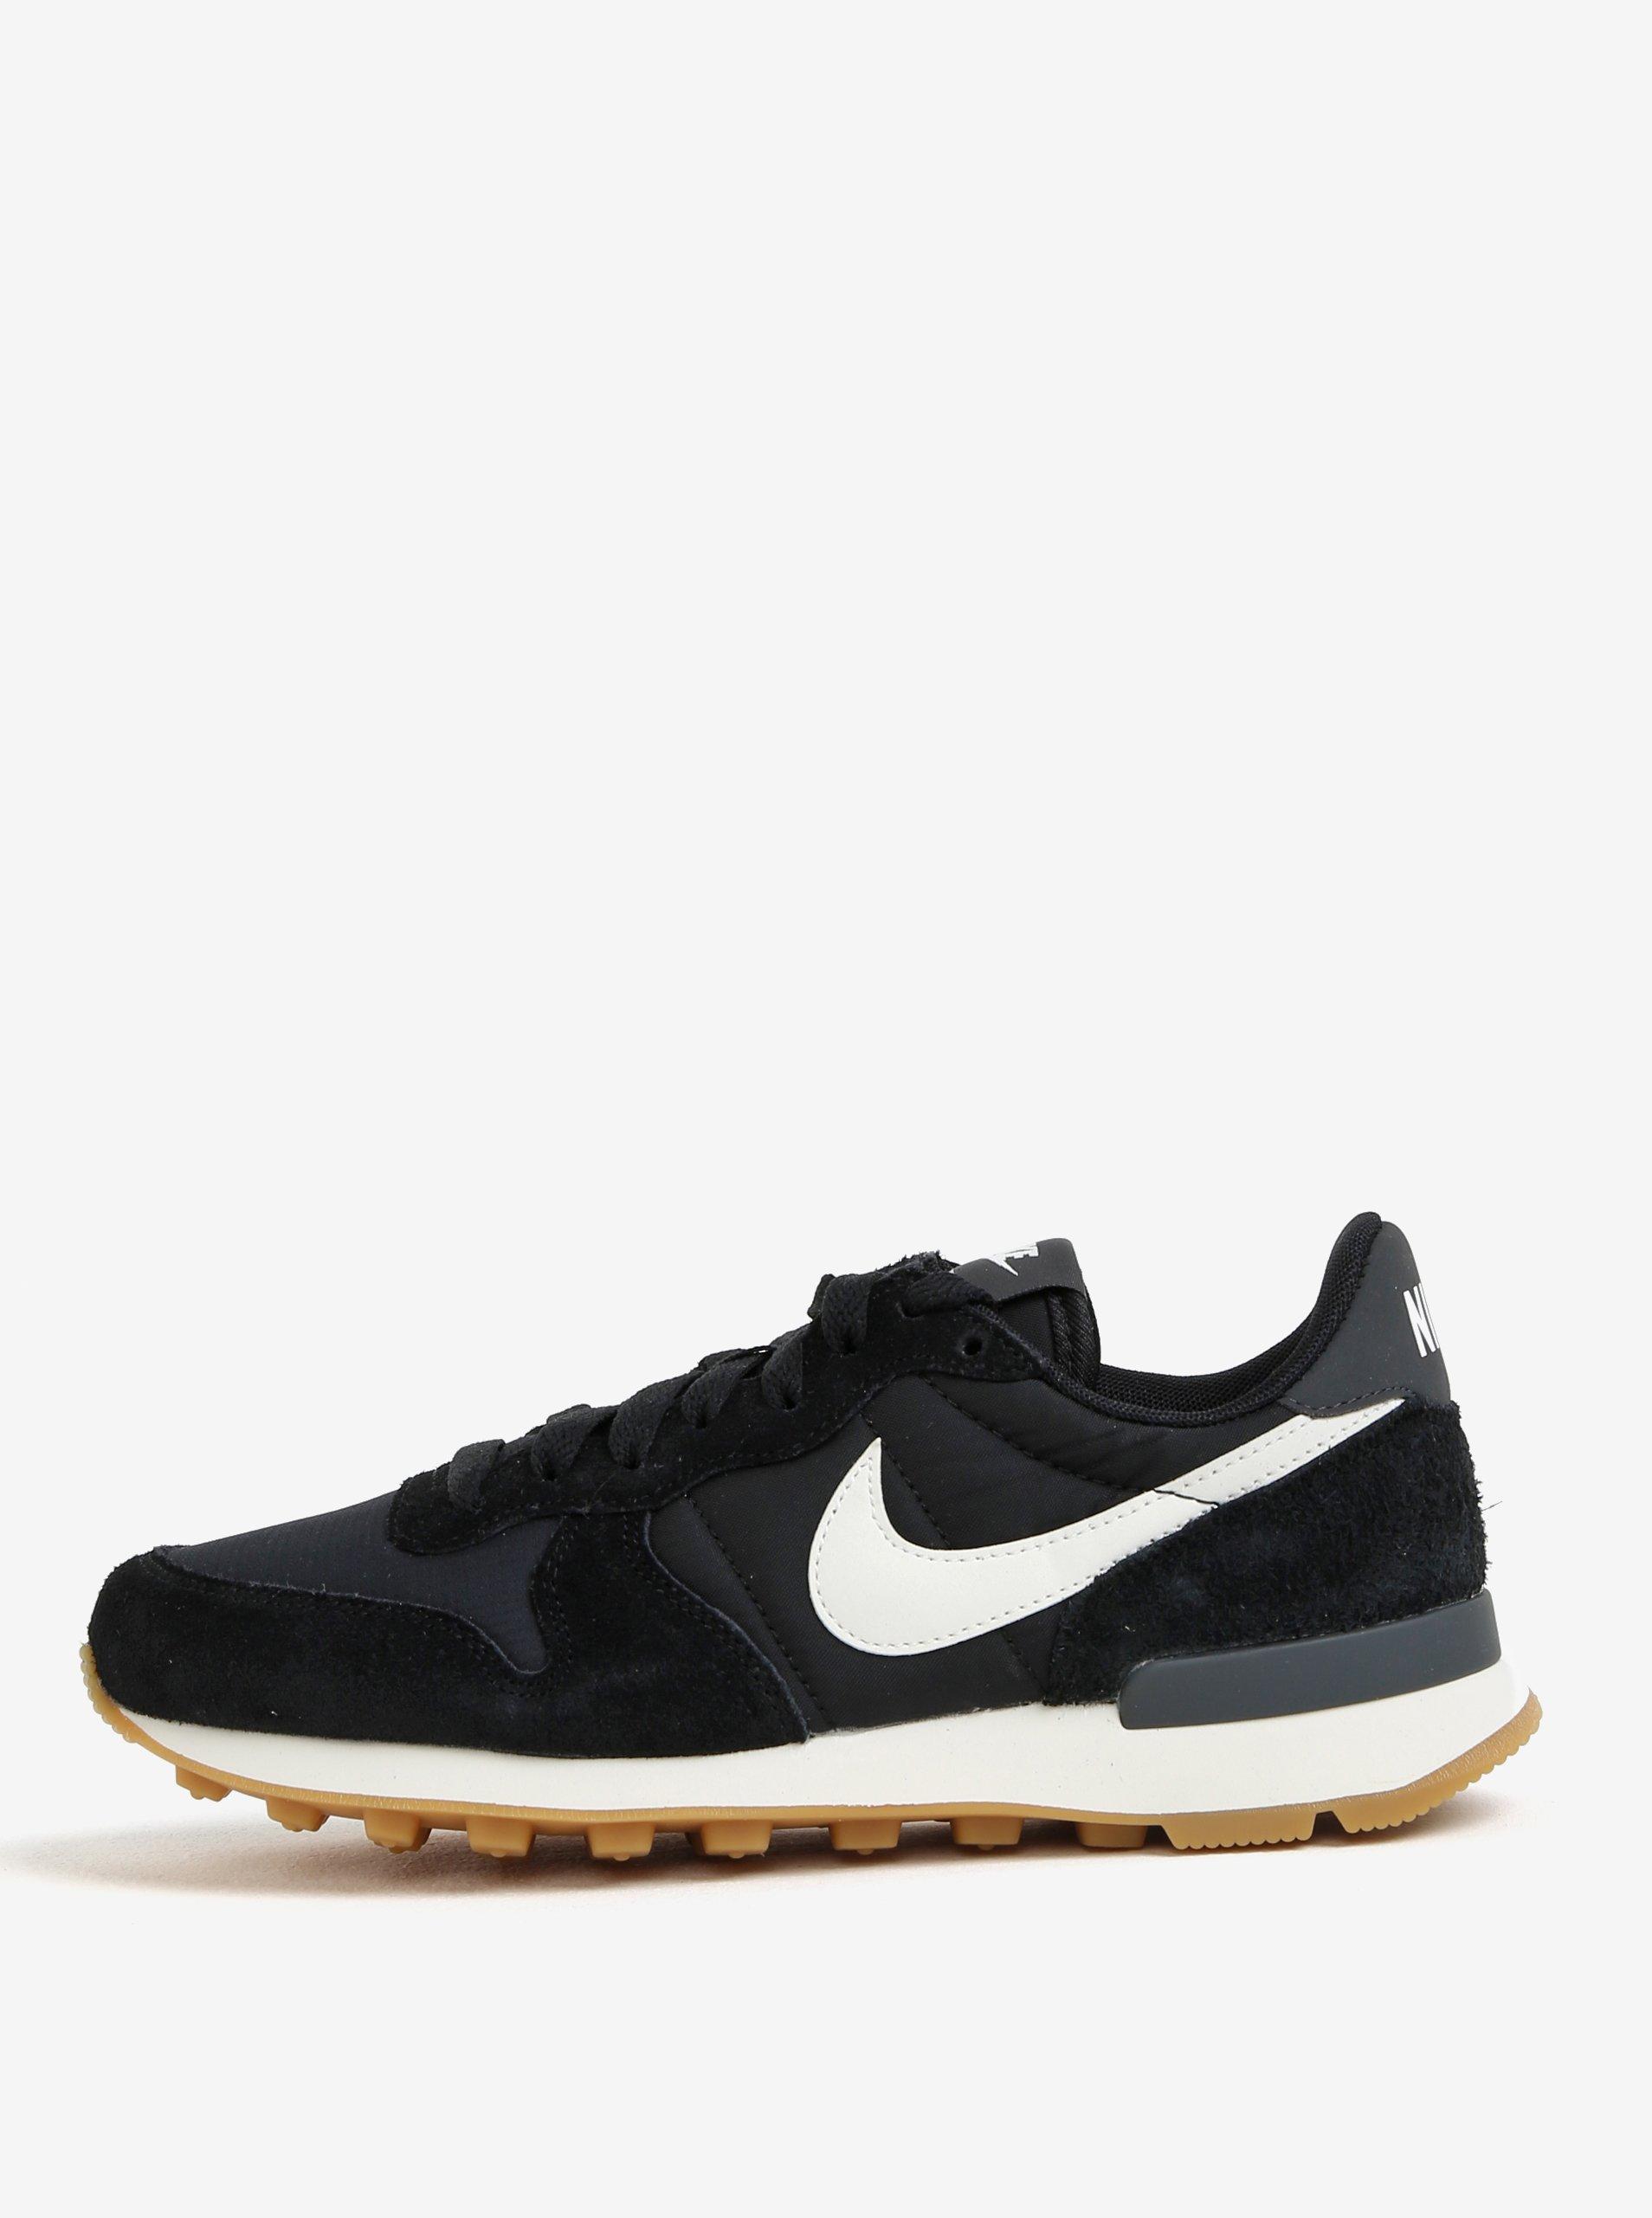 3b927b0fb04e Bielo-čierne dámske tenisky so semišovými detailmi Nike Internationalist